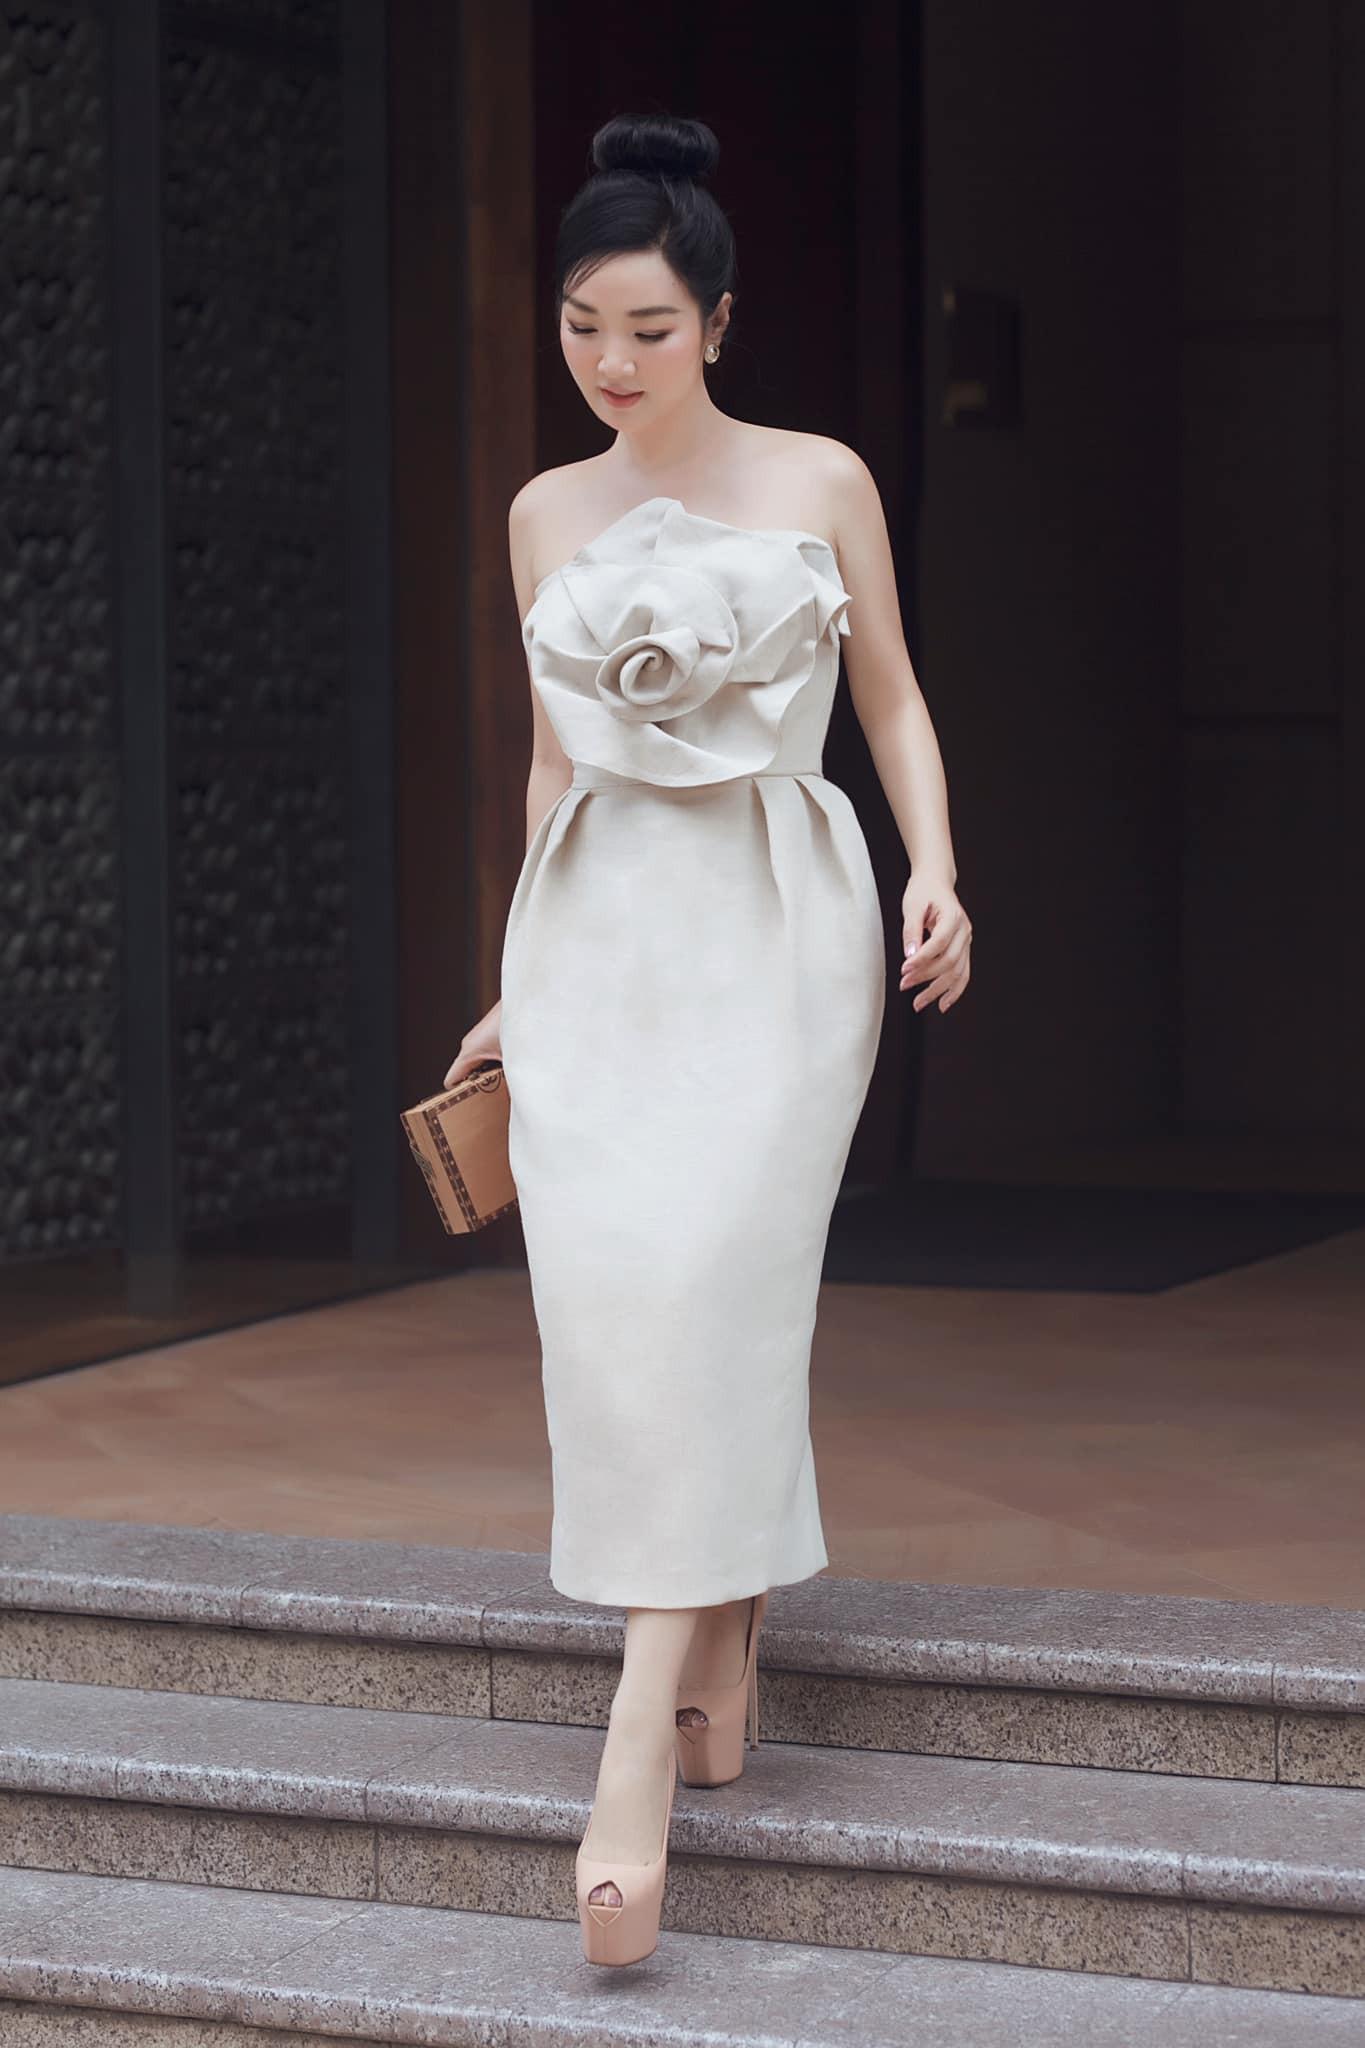 Mĩ nhân Việt nào là Nữ hoàng thảm đỏ tuần qua? (kì 53) - Ảnh 4.